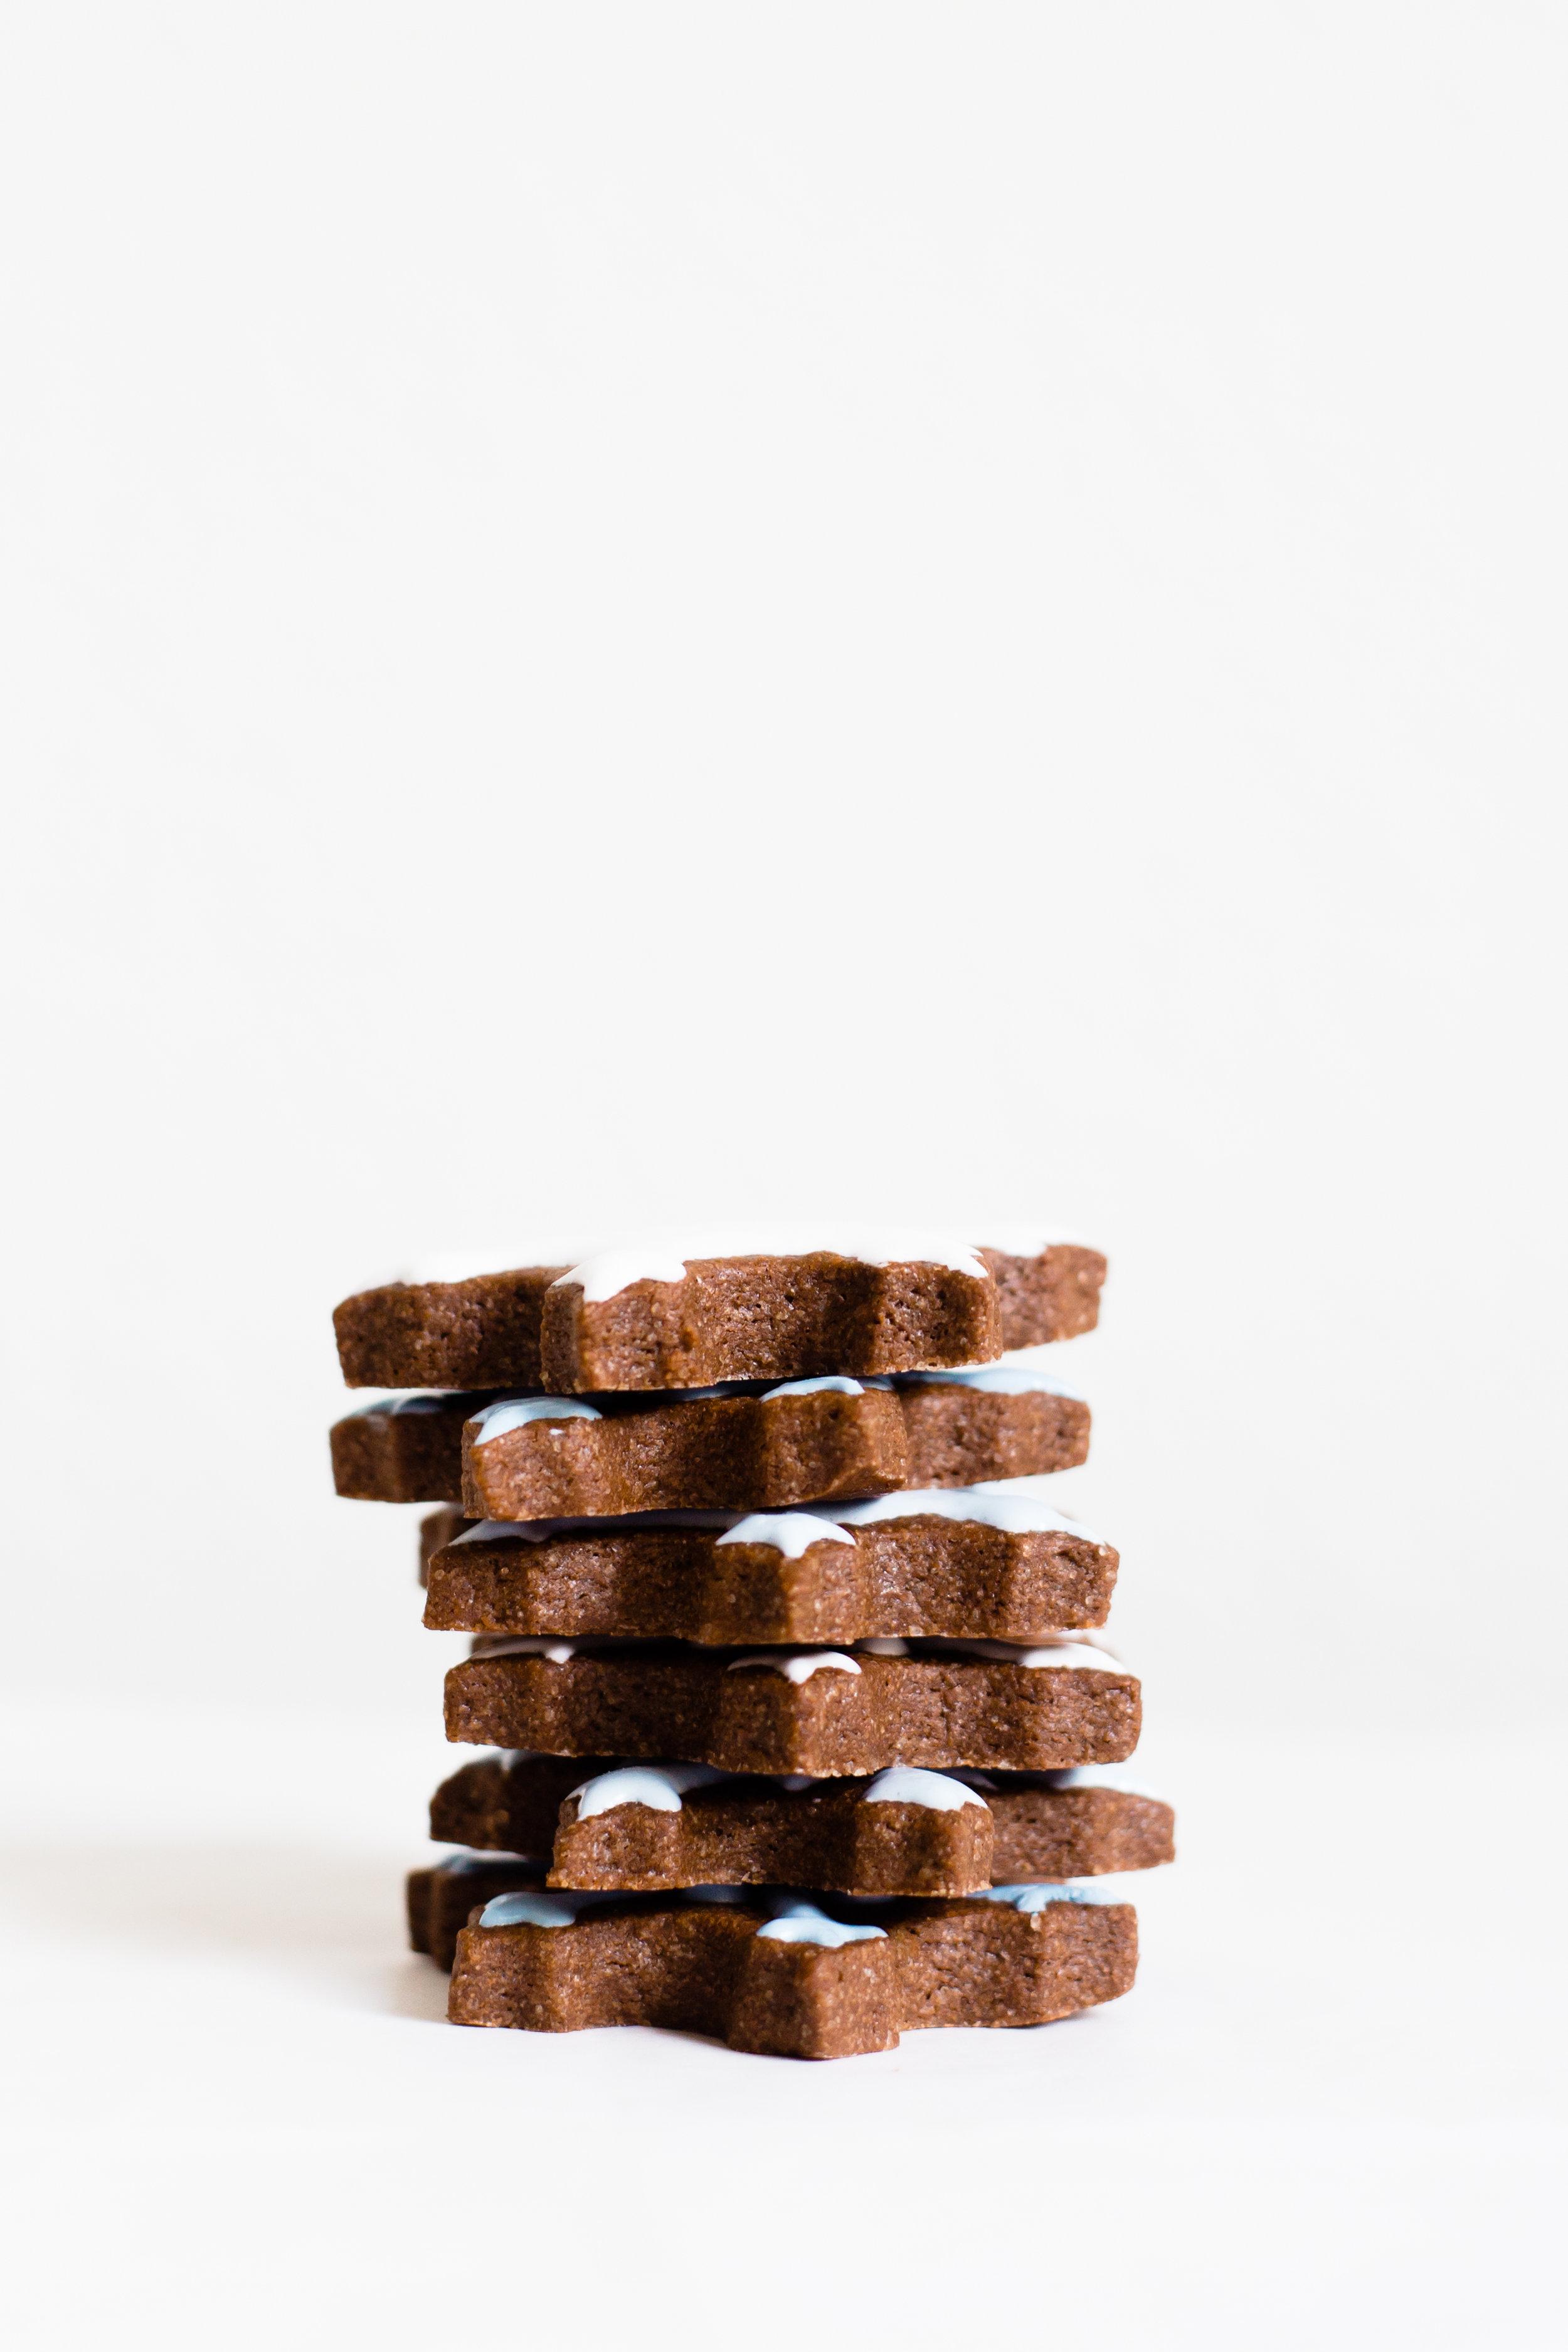 snowflake_chocolate_sugar_cookies-15.jpg